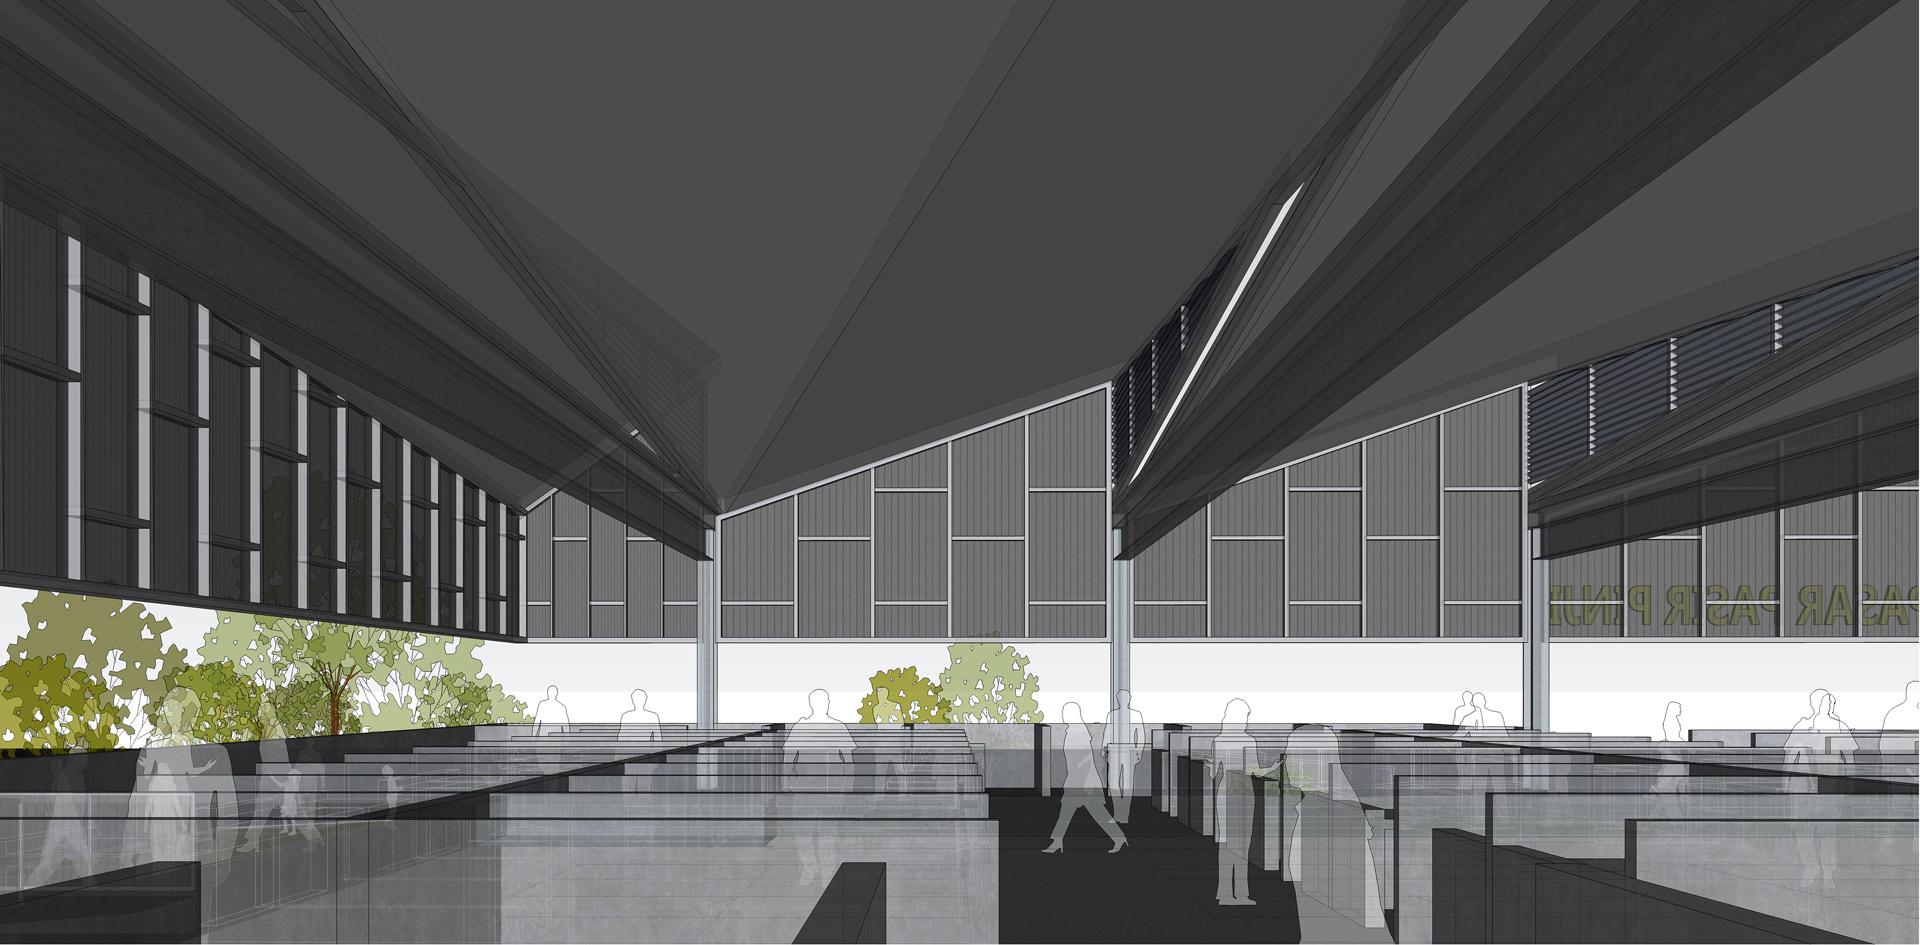 Modern wet market interior design